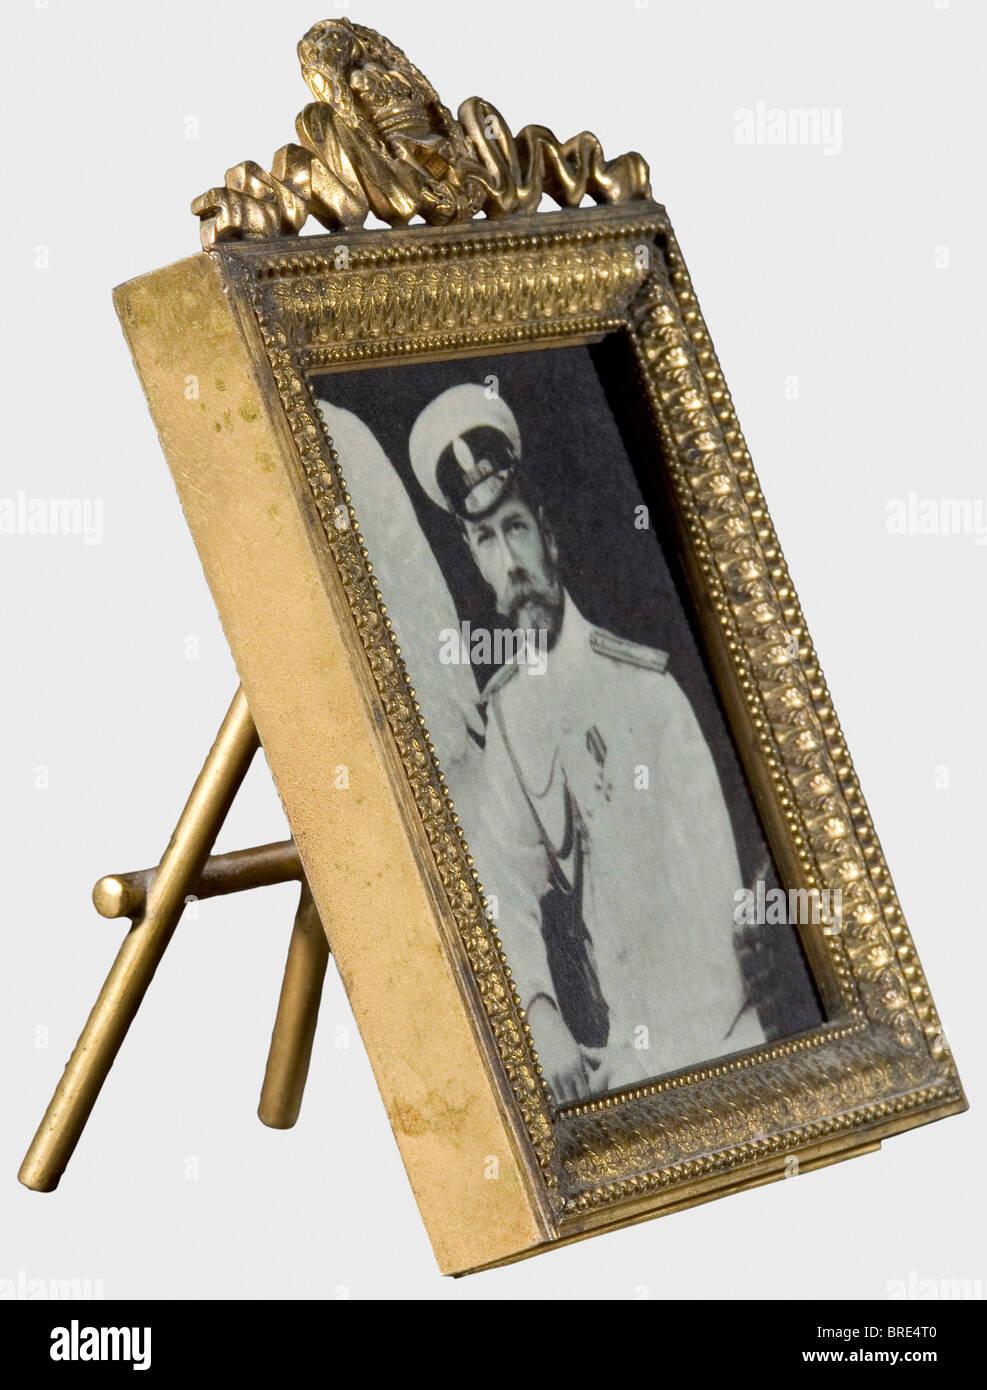 Einen kleinen Bilderrahmen, ca. 1850 aus vergoldetem Messing durch ...